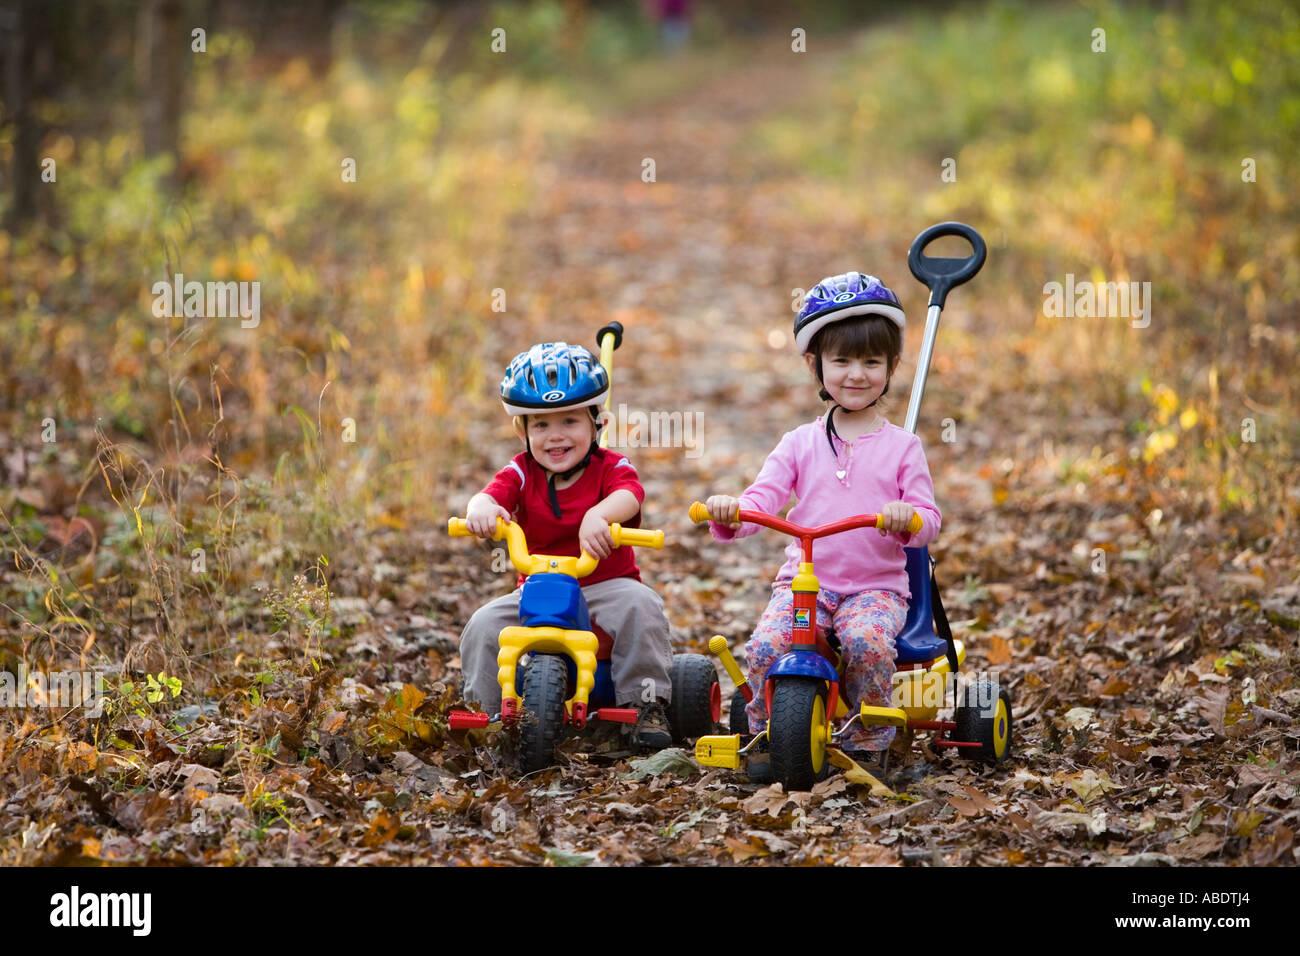 ein kleiner junge 2 jahre und seine schwester alter 4 auf ihre fahrr der newfields rail trail im. Black Bedroom Furniture Sets. Home Design Ideas